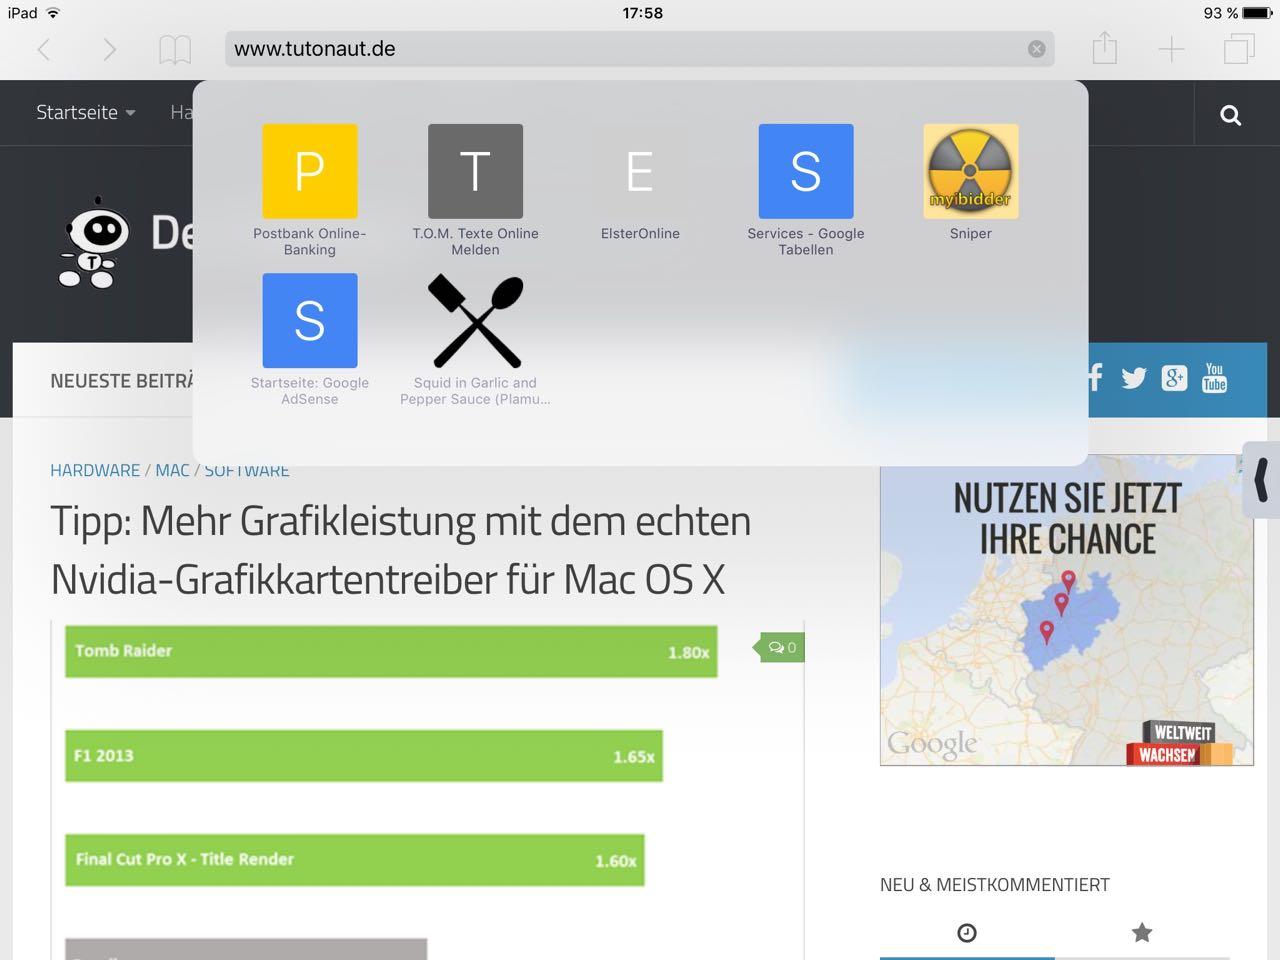 Haeufig-besucht-iOS-abschalten-3